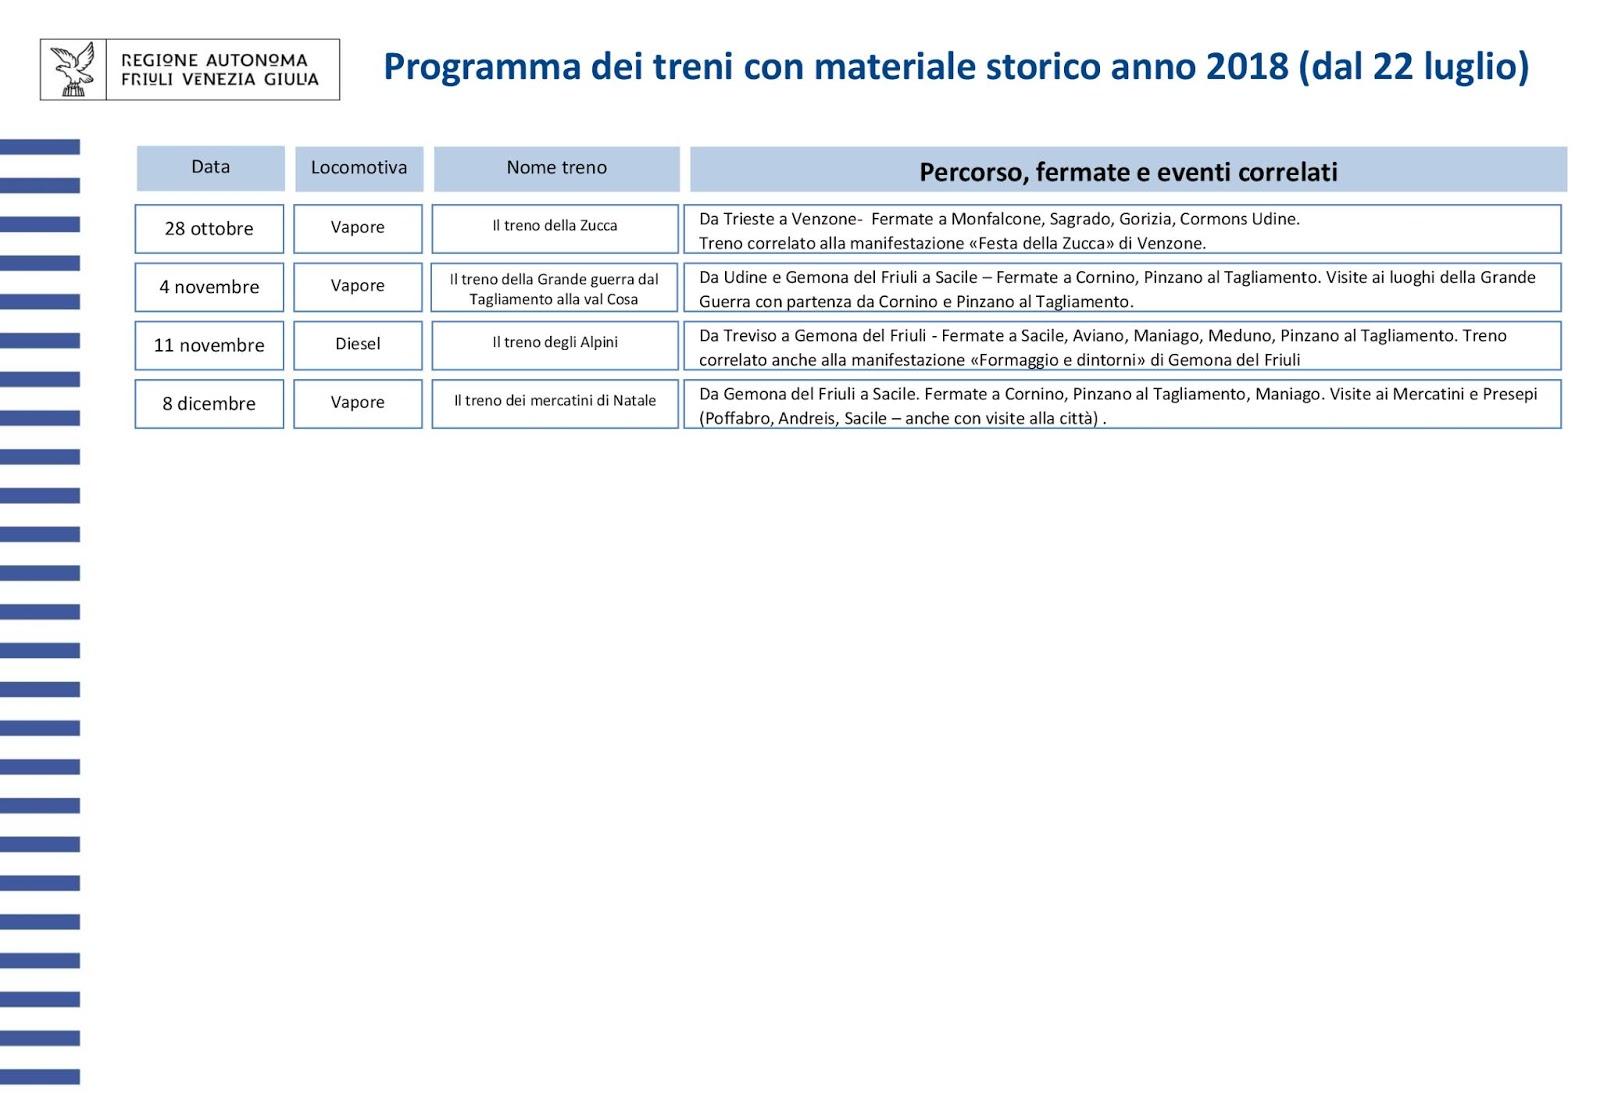 ... tra Regione e Fondazione FS, saranno ben 18 i treni storici che  viaggeranno lungo i binari del FVG, di cui ben 14 dedicati alla Ferrovia  Pedemontana del ... 70d1274ad4